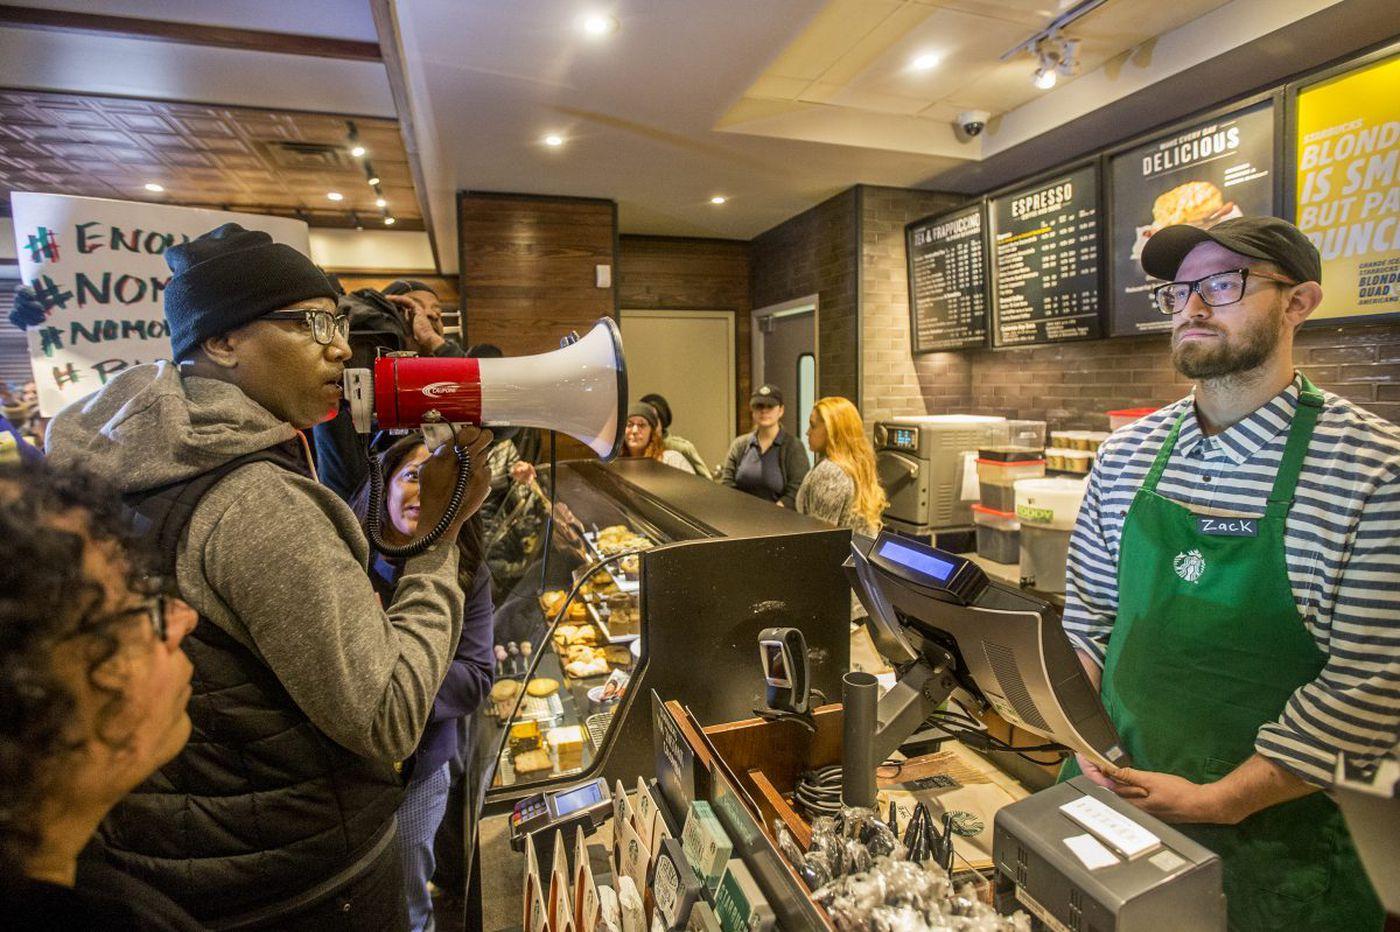 Philly Starbucks arrests spark national outrage, improper ICE arrests overlooked | Morning Newsletter